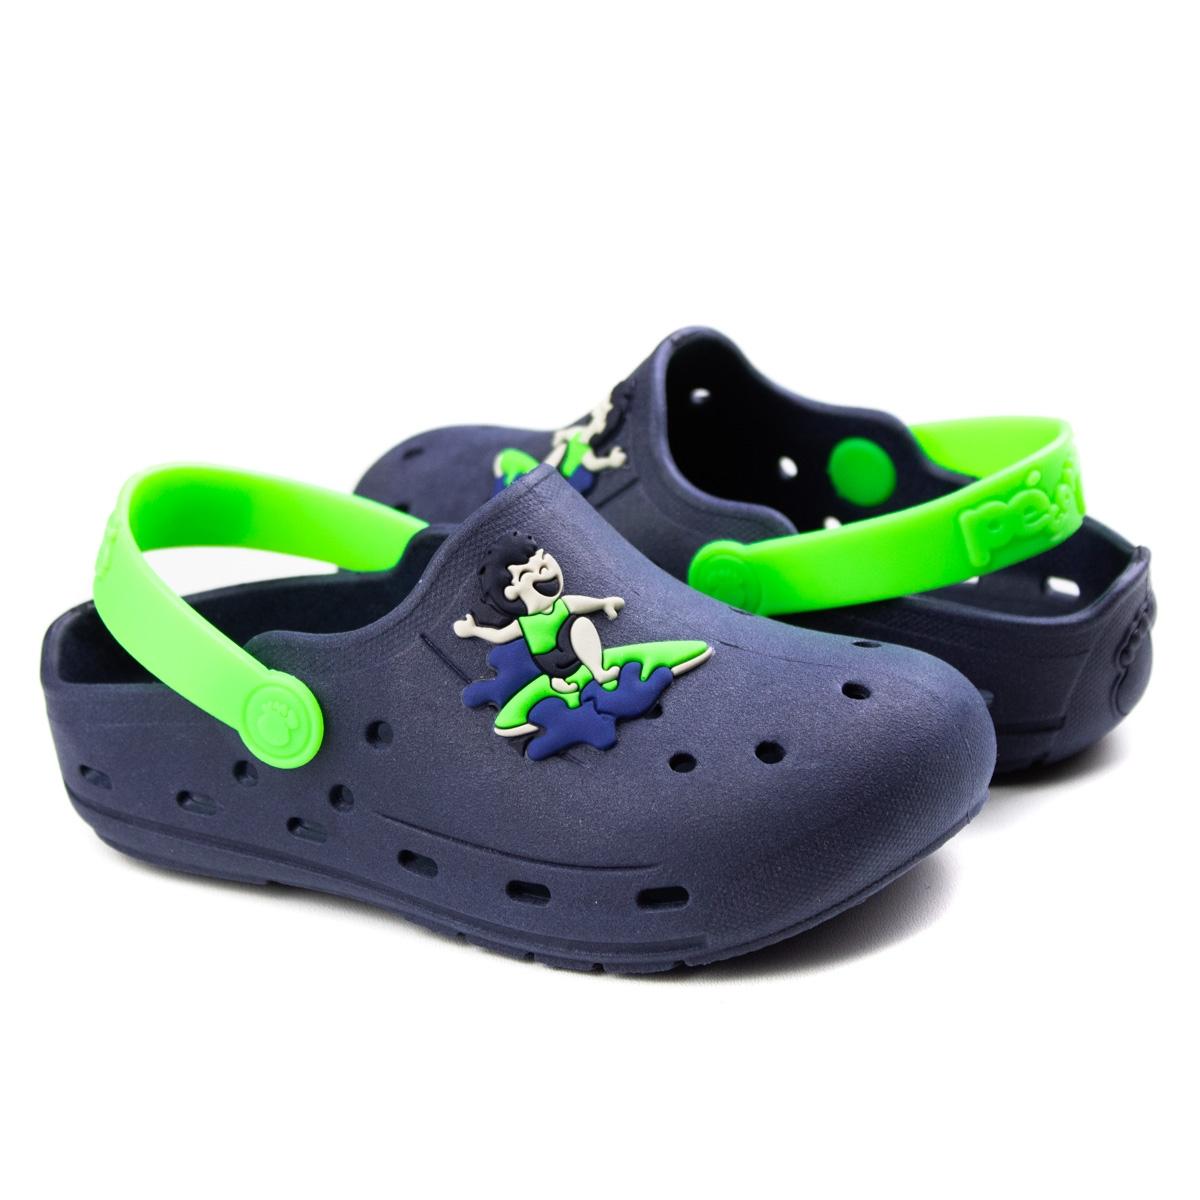 Crocs Surf Infantil Masculino Pé Com Pé - Marinho/verde